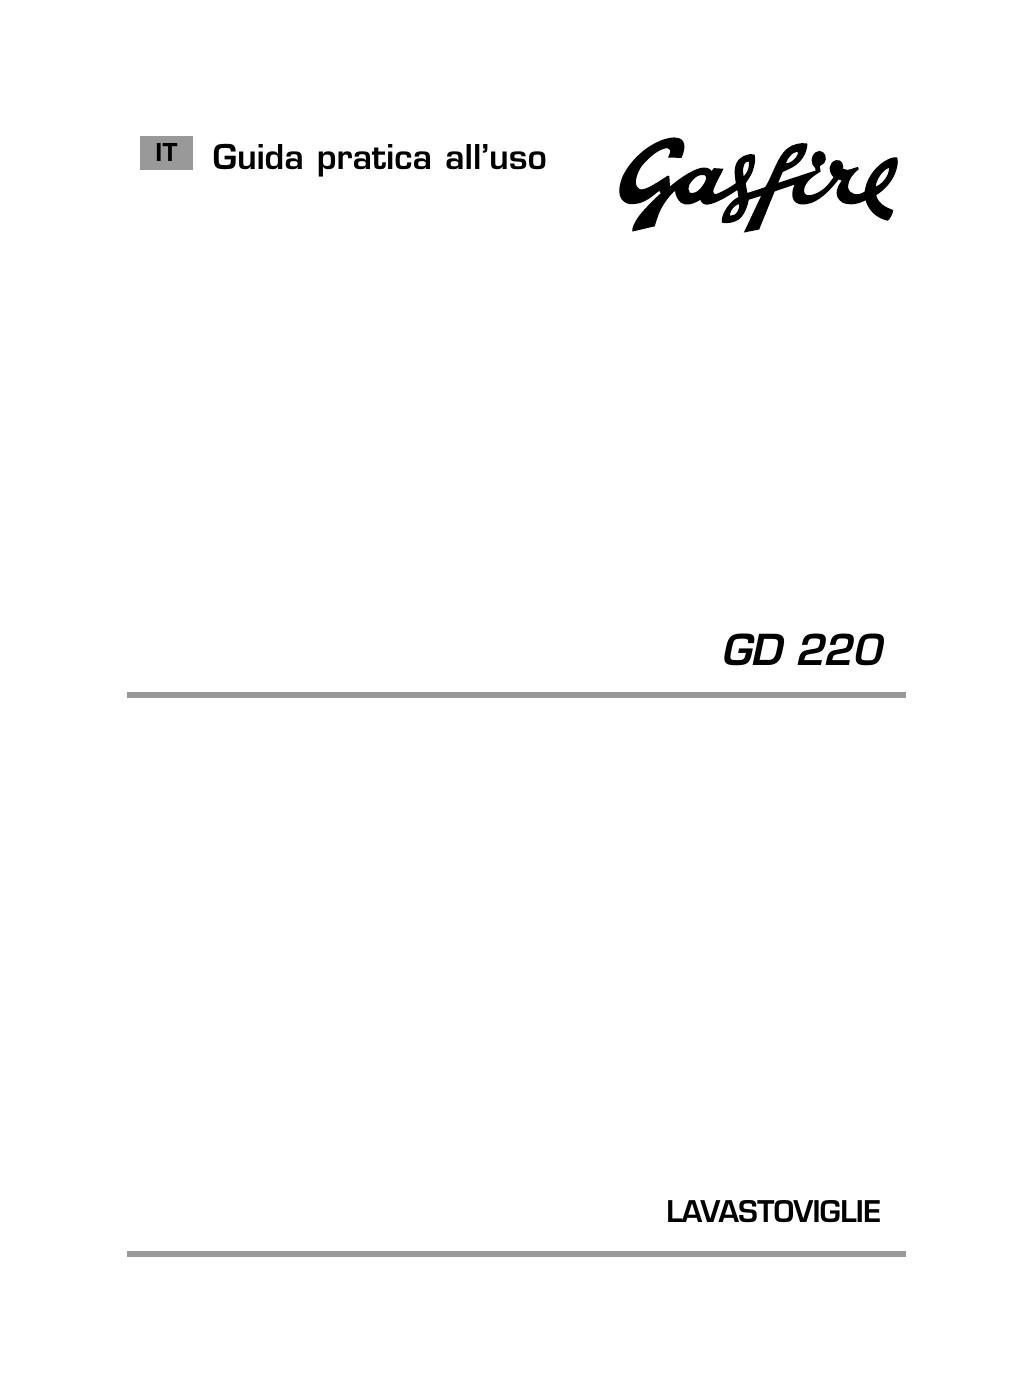 Gasfire GD220//1-02